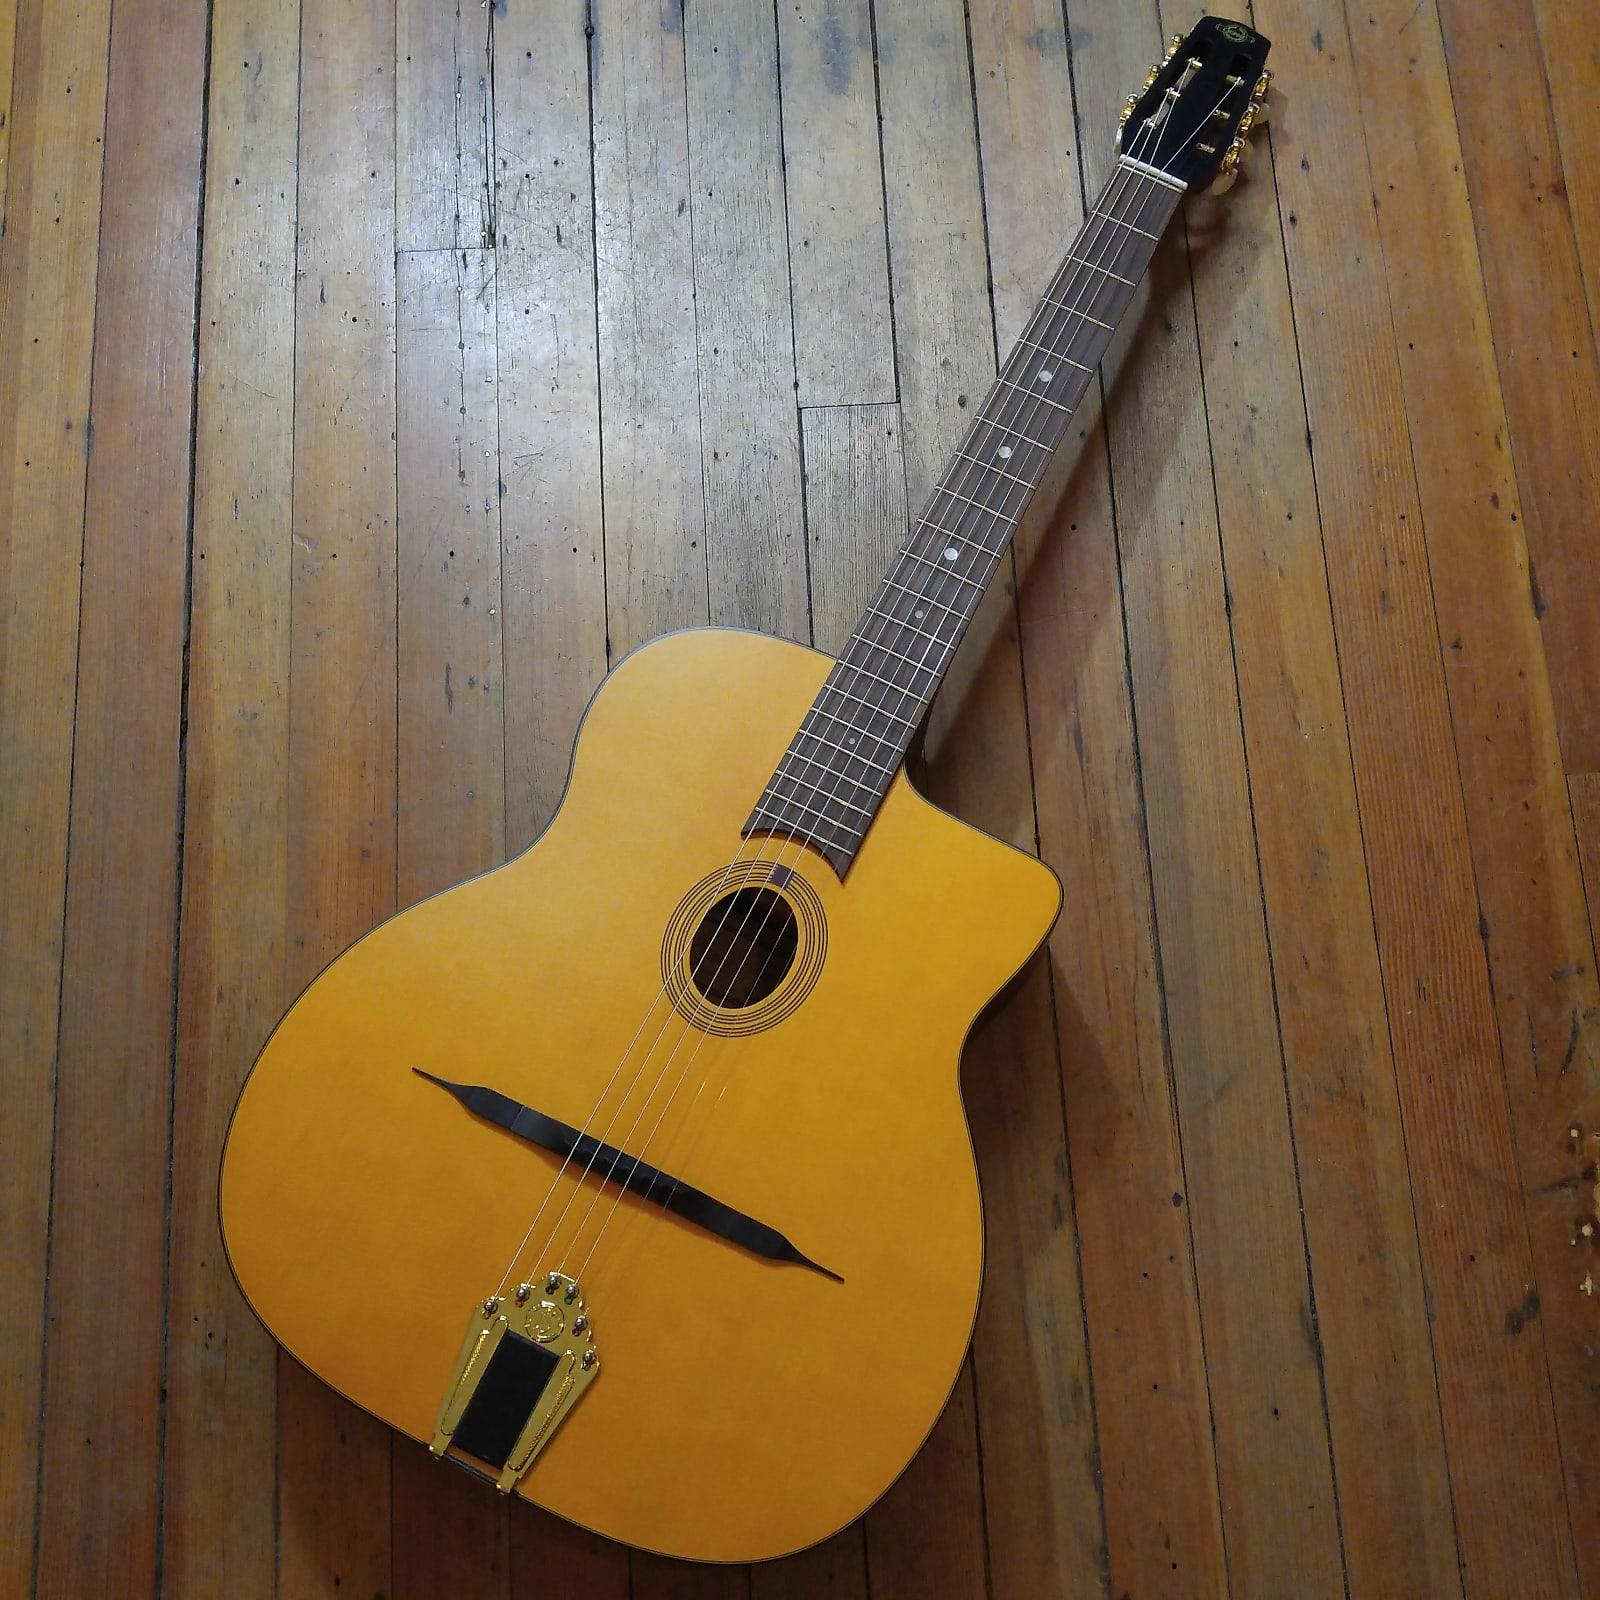 Cigano GJ-0 Petite Bouche Gypsy Jazz Guitar #14441